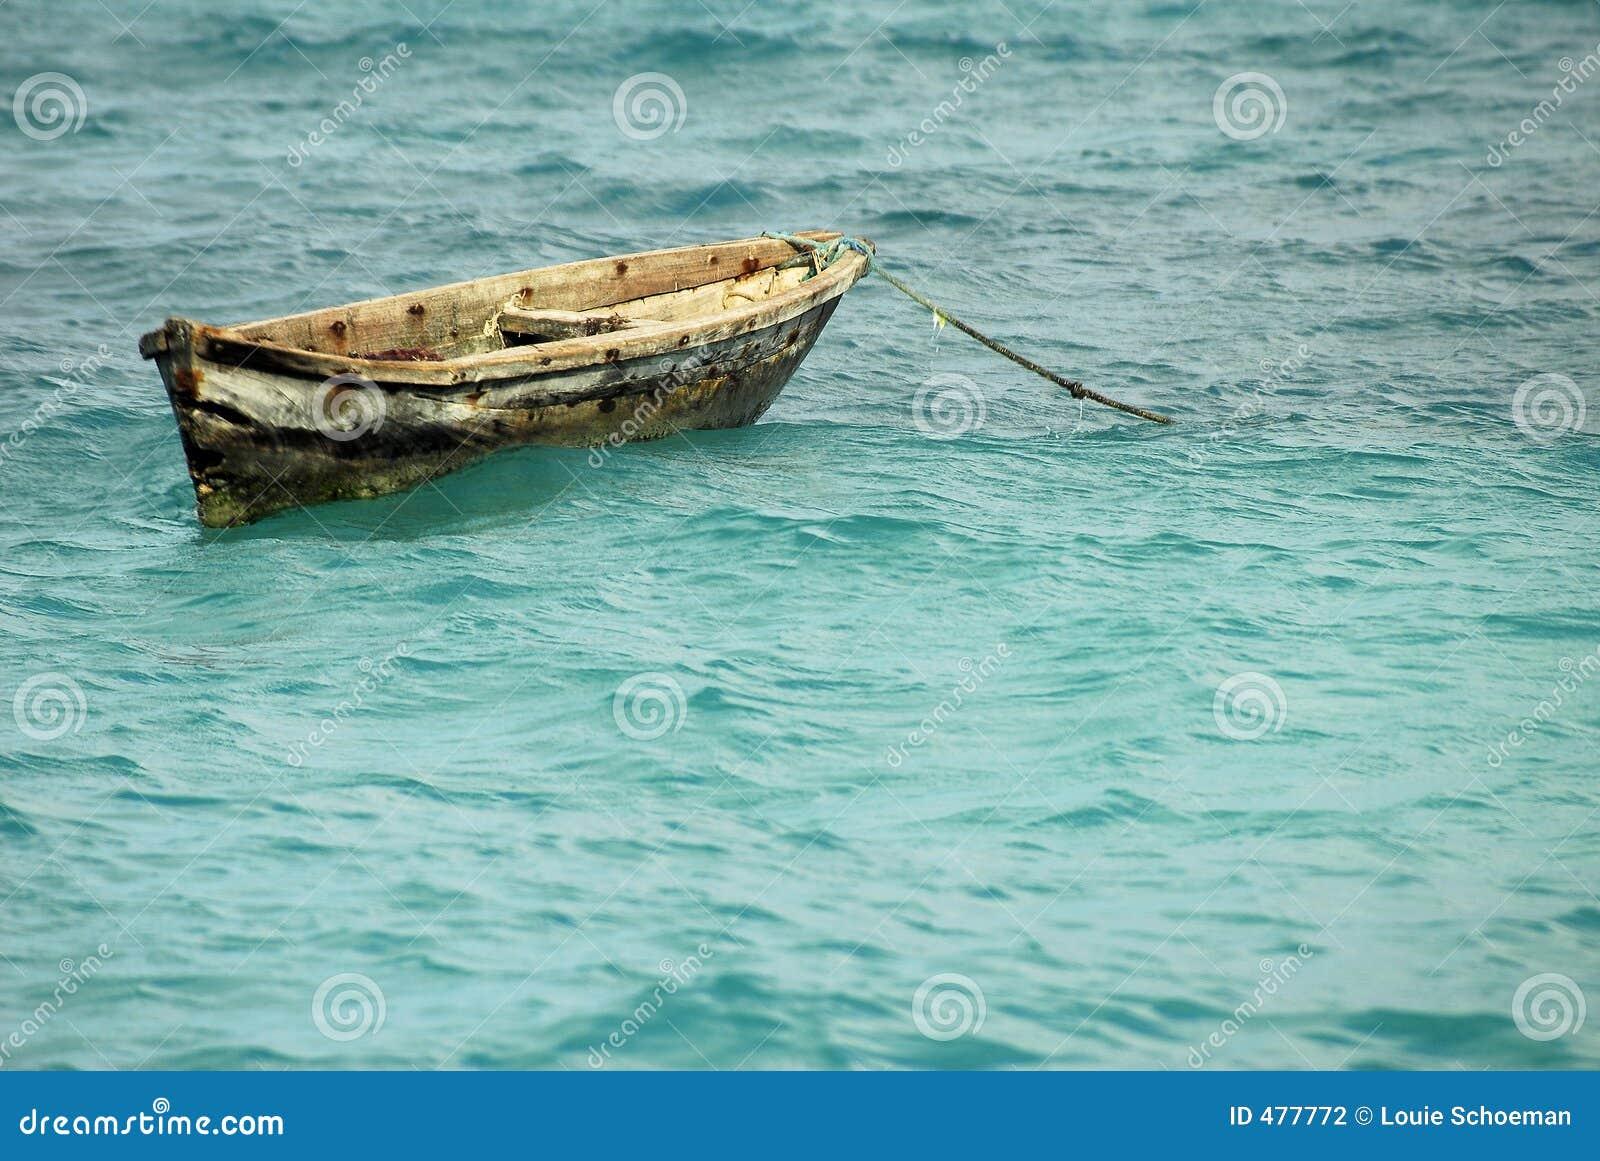 Canoë de pêche, île de Zanzibar